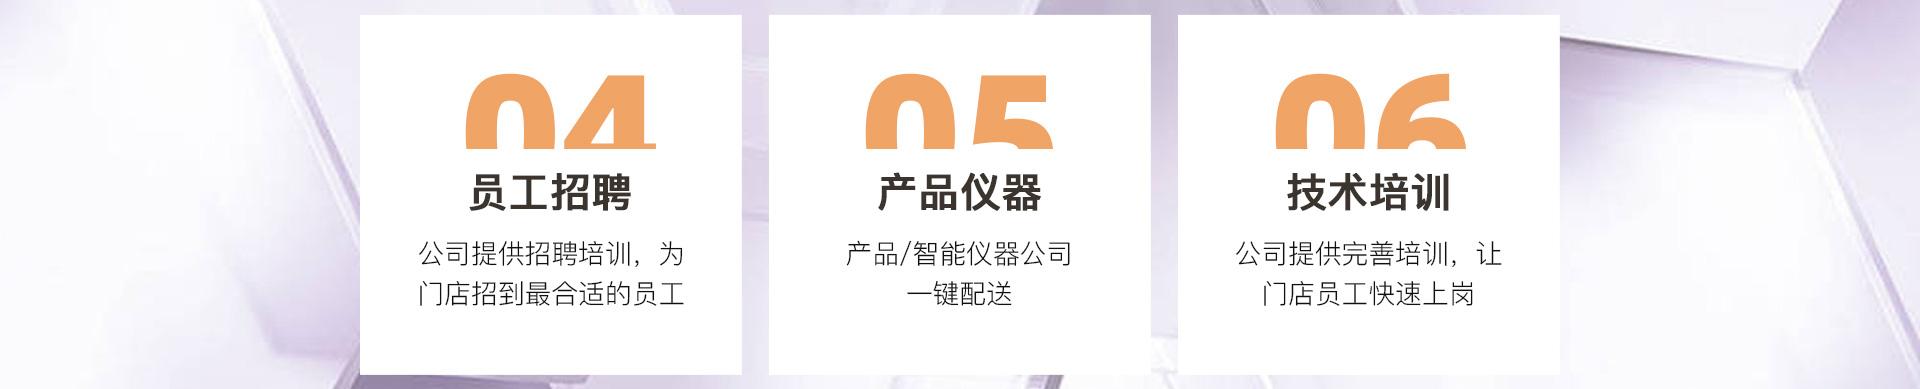 哈颜轻美详情_29